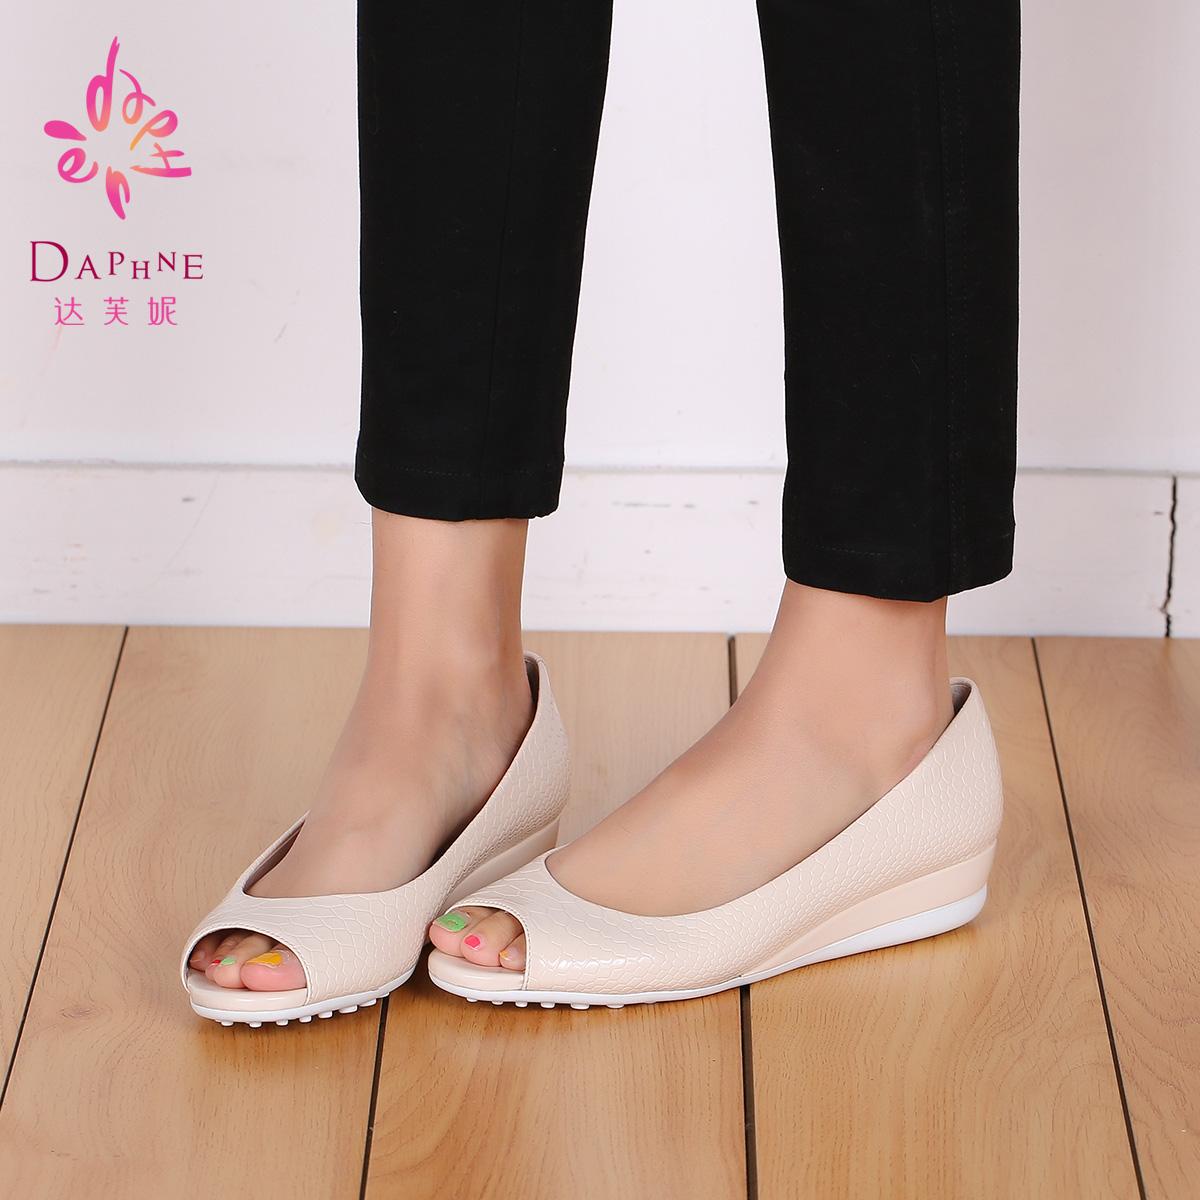 香港达芙妮14年春新款女鞋1014102186漆皮鳄鱼纹休闲鱼嘴单鞋